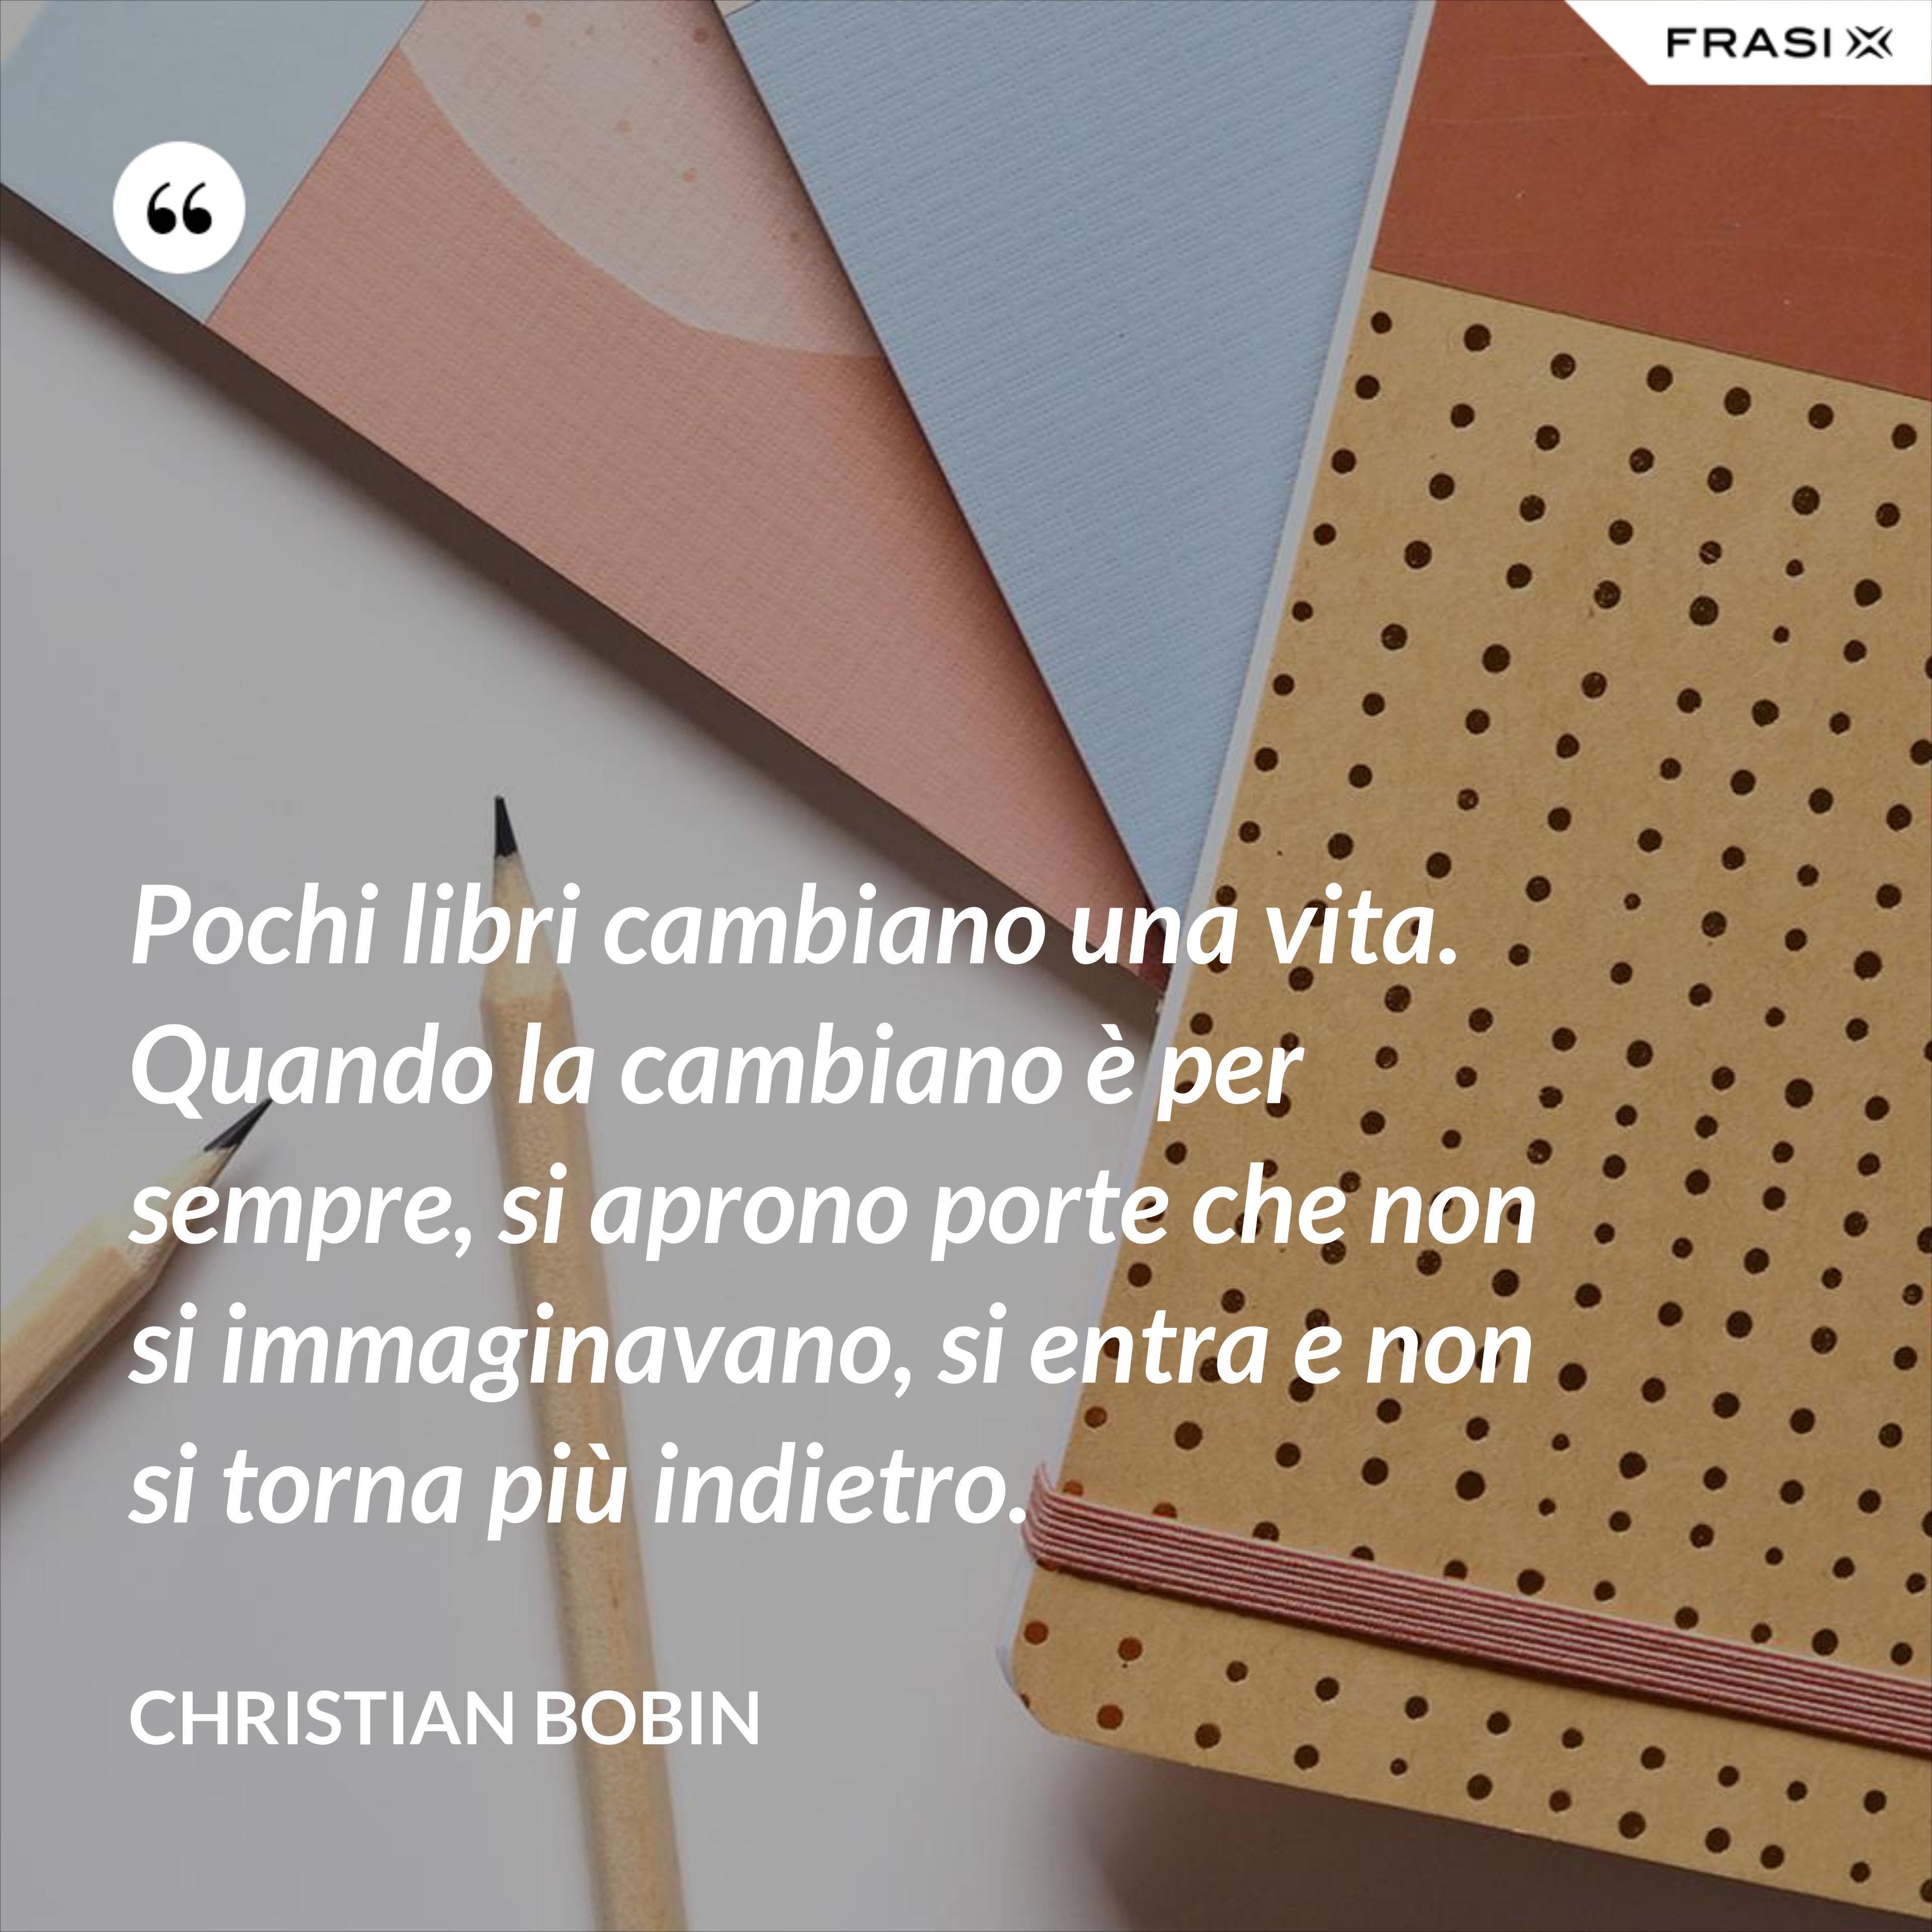 Pochi libri cambiano una vita. Quando la cambiano è per sempre, si aprono porte che non si immaginavano, si entra e non si torna più indietro. - Christian Bobin